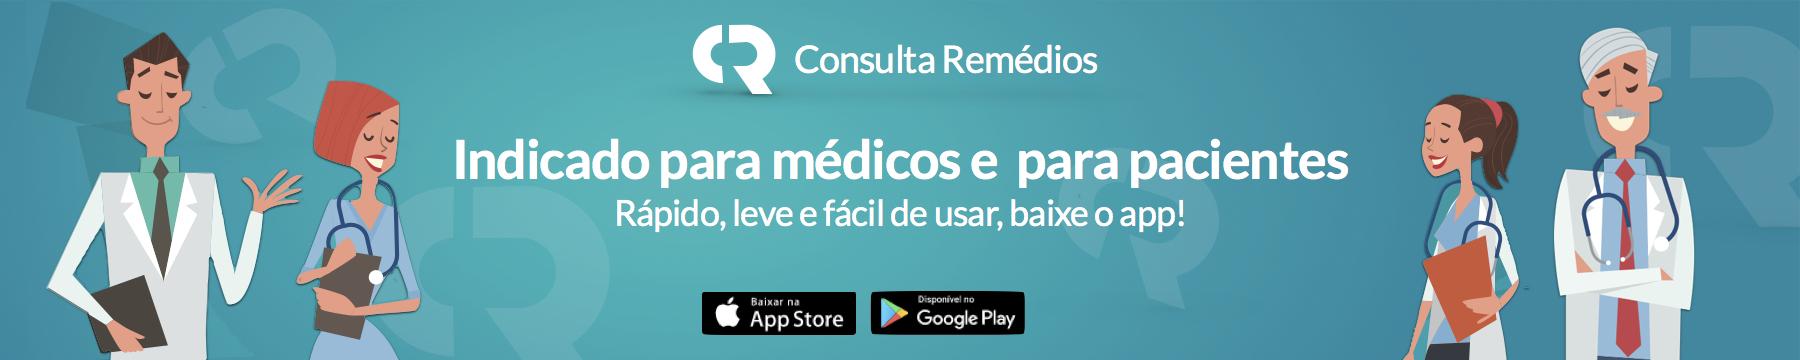 16ca775ab5290708541f8600dcf38084774bac0edesktop app outubro consulta remedios